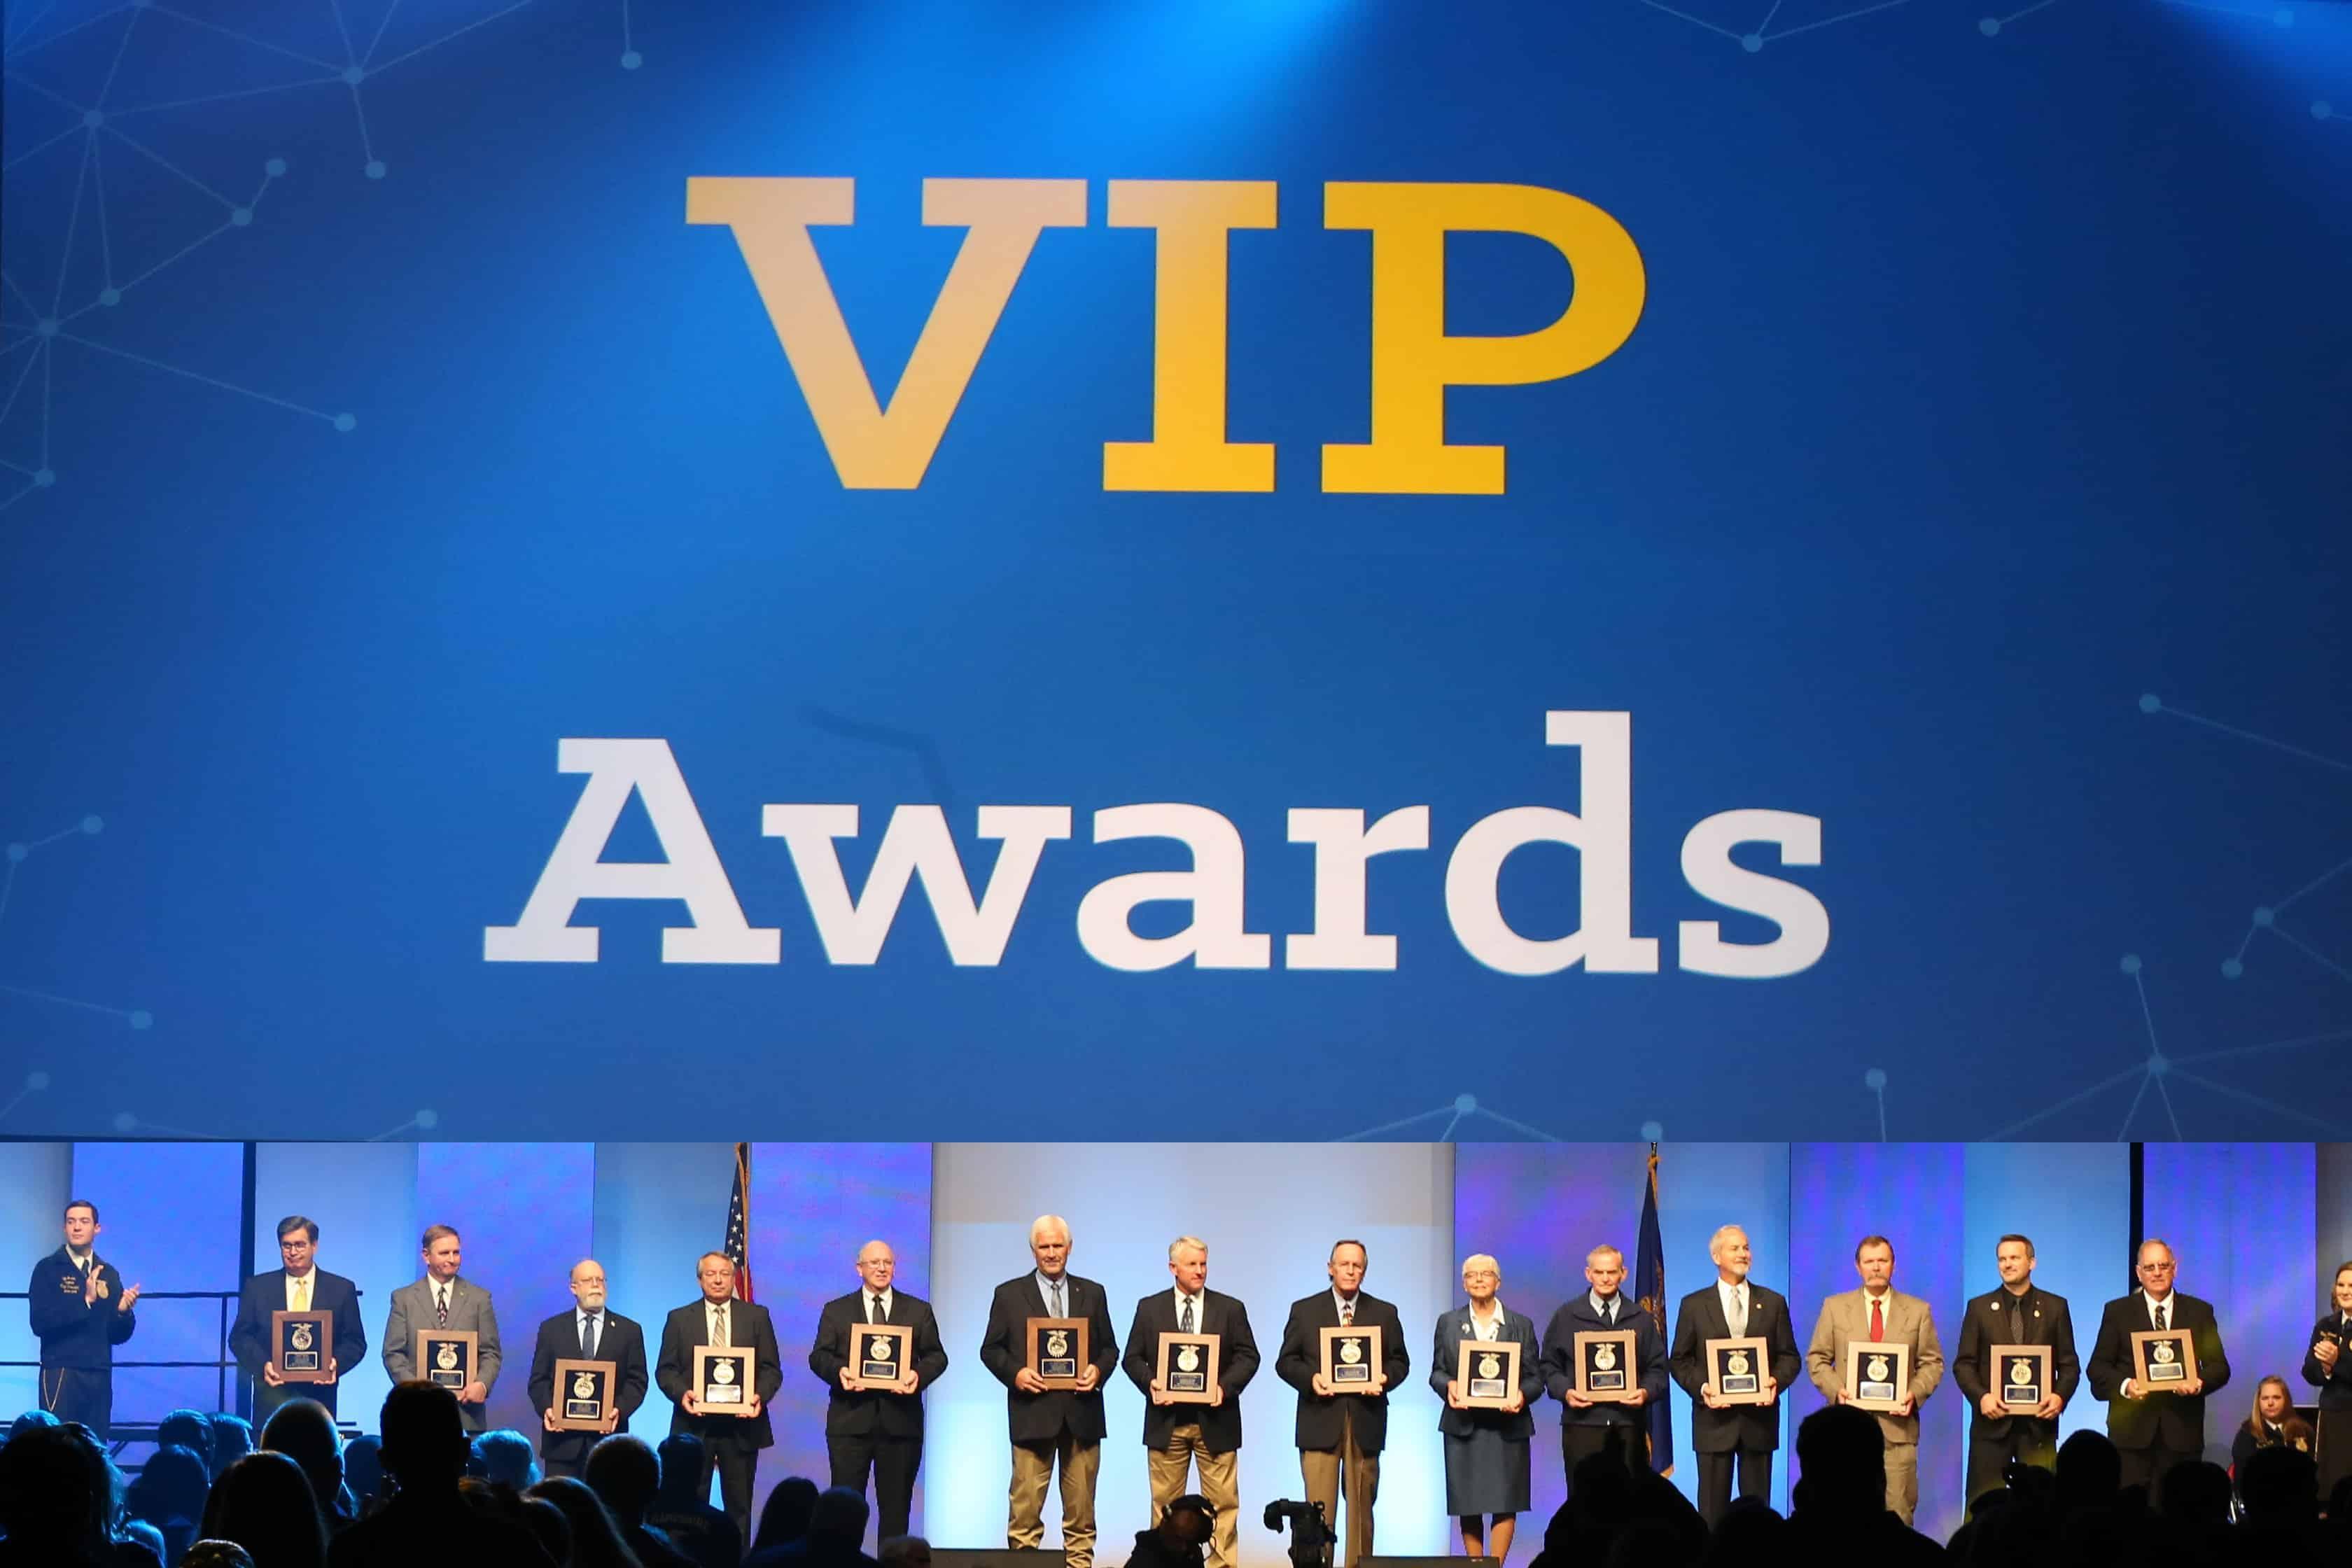 VIP Award